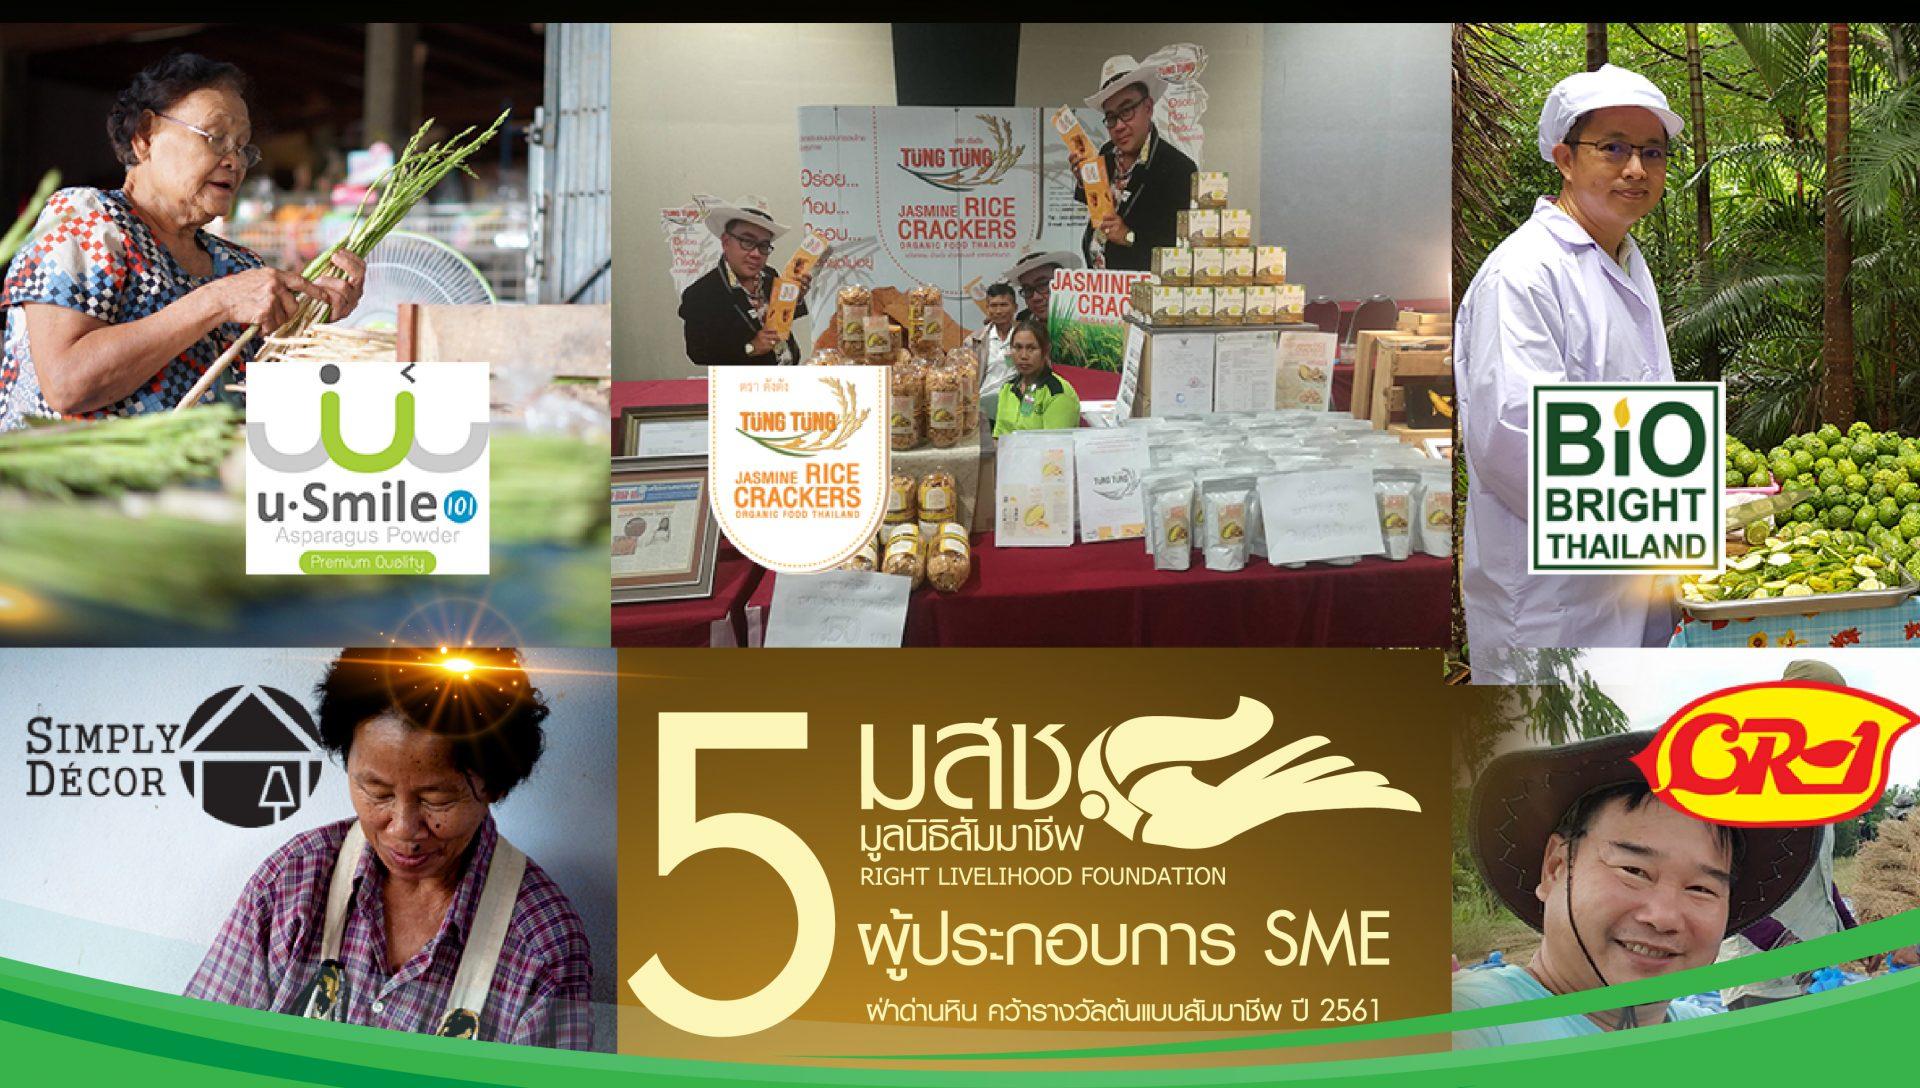 """เผยโฉม """"5 ผู้ประกอบการ SME ฝ่าด่านหิน คว้ารางวัลต้นแบบสัมมาชีพ ปี 2561"""